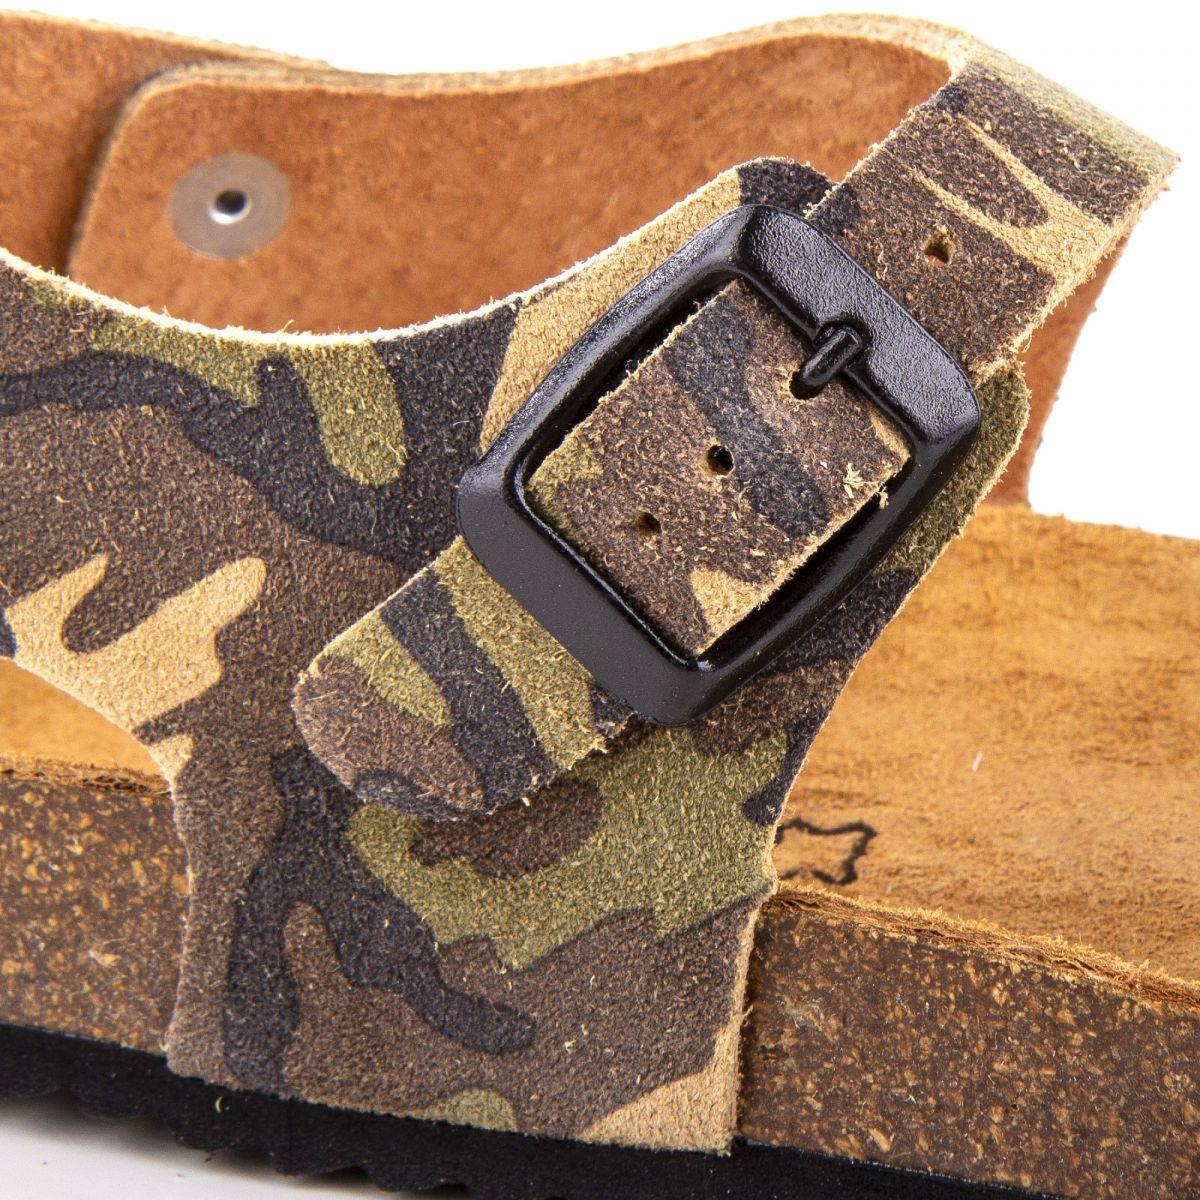 sandales en cuir gar on dkr prix d griff. Black Bedroom Furniture Sets. Home Design Ideas